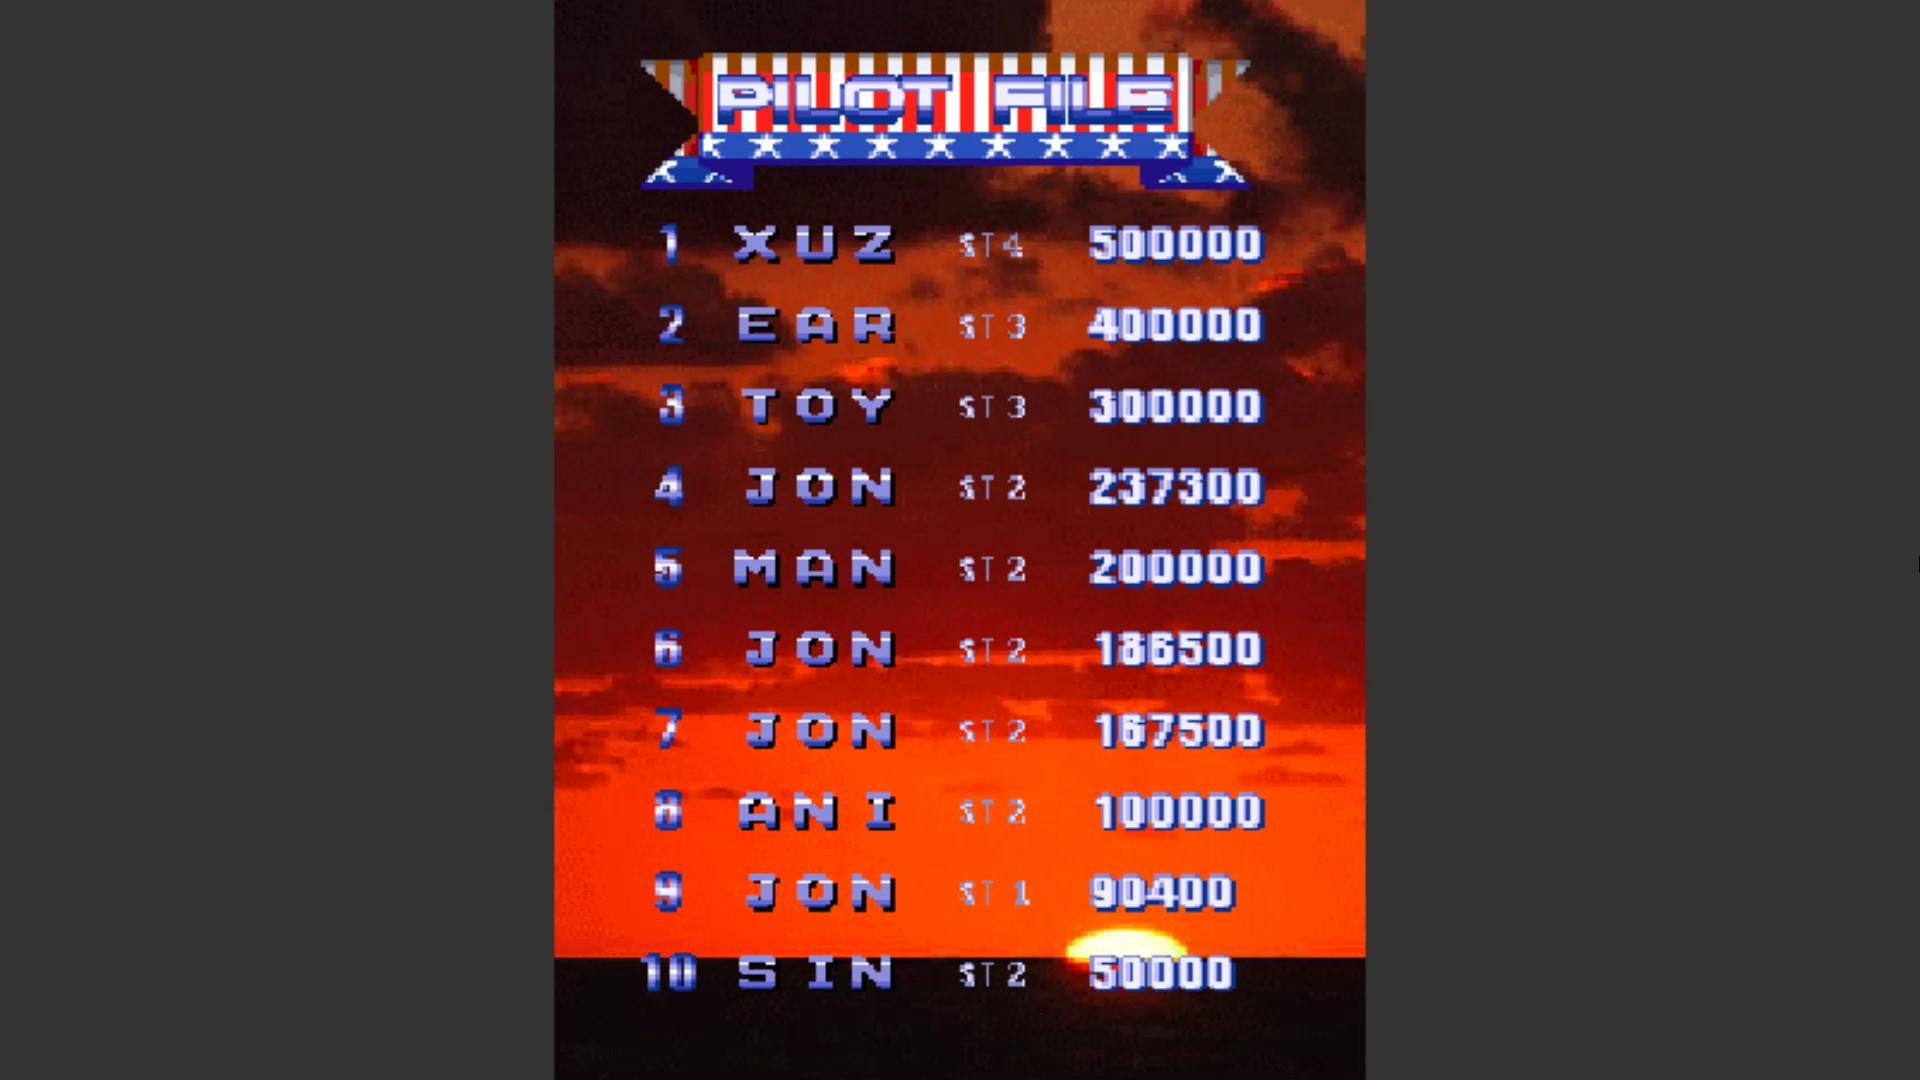 AkinNahtanoj: 1945k III [1945kiii] (Arcade Emulated / M.A.M.E.) 237,300 points on 2020-09-29 12:10:03